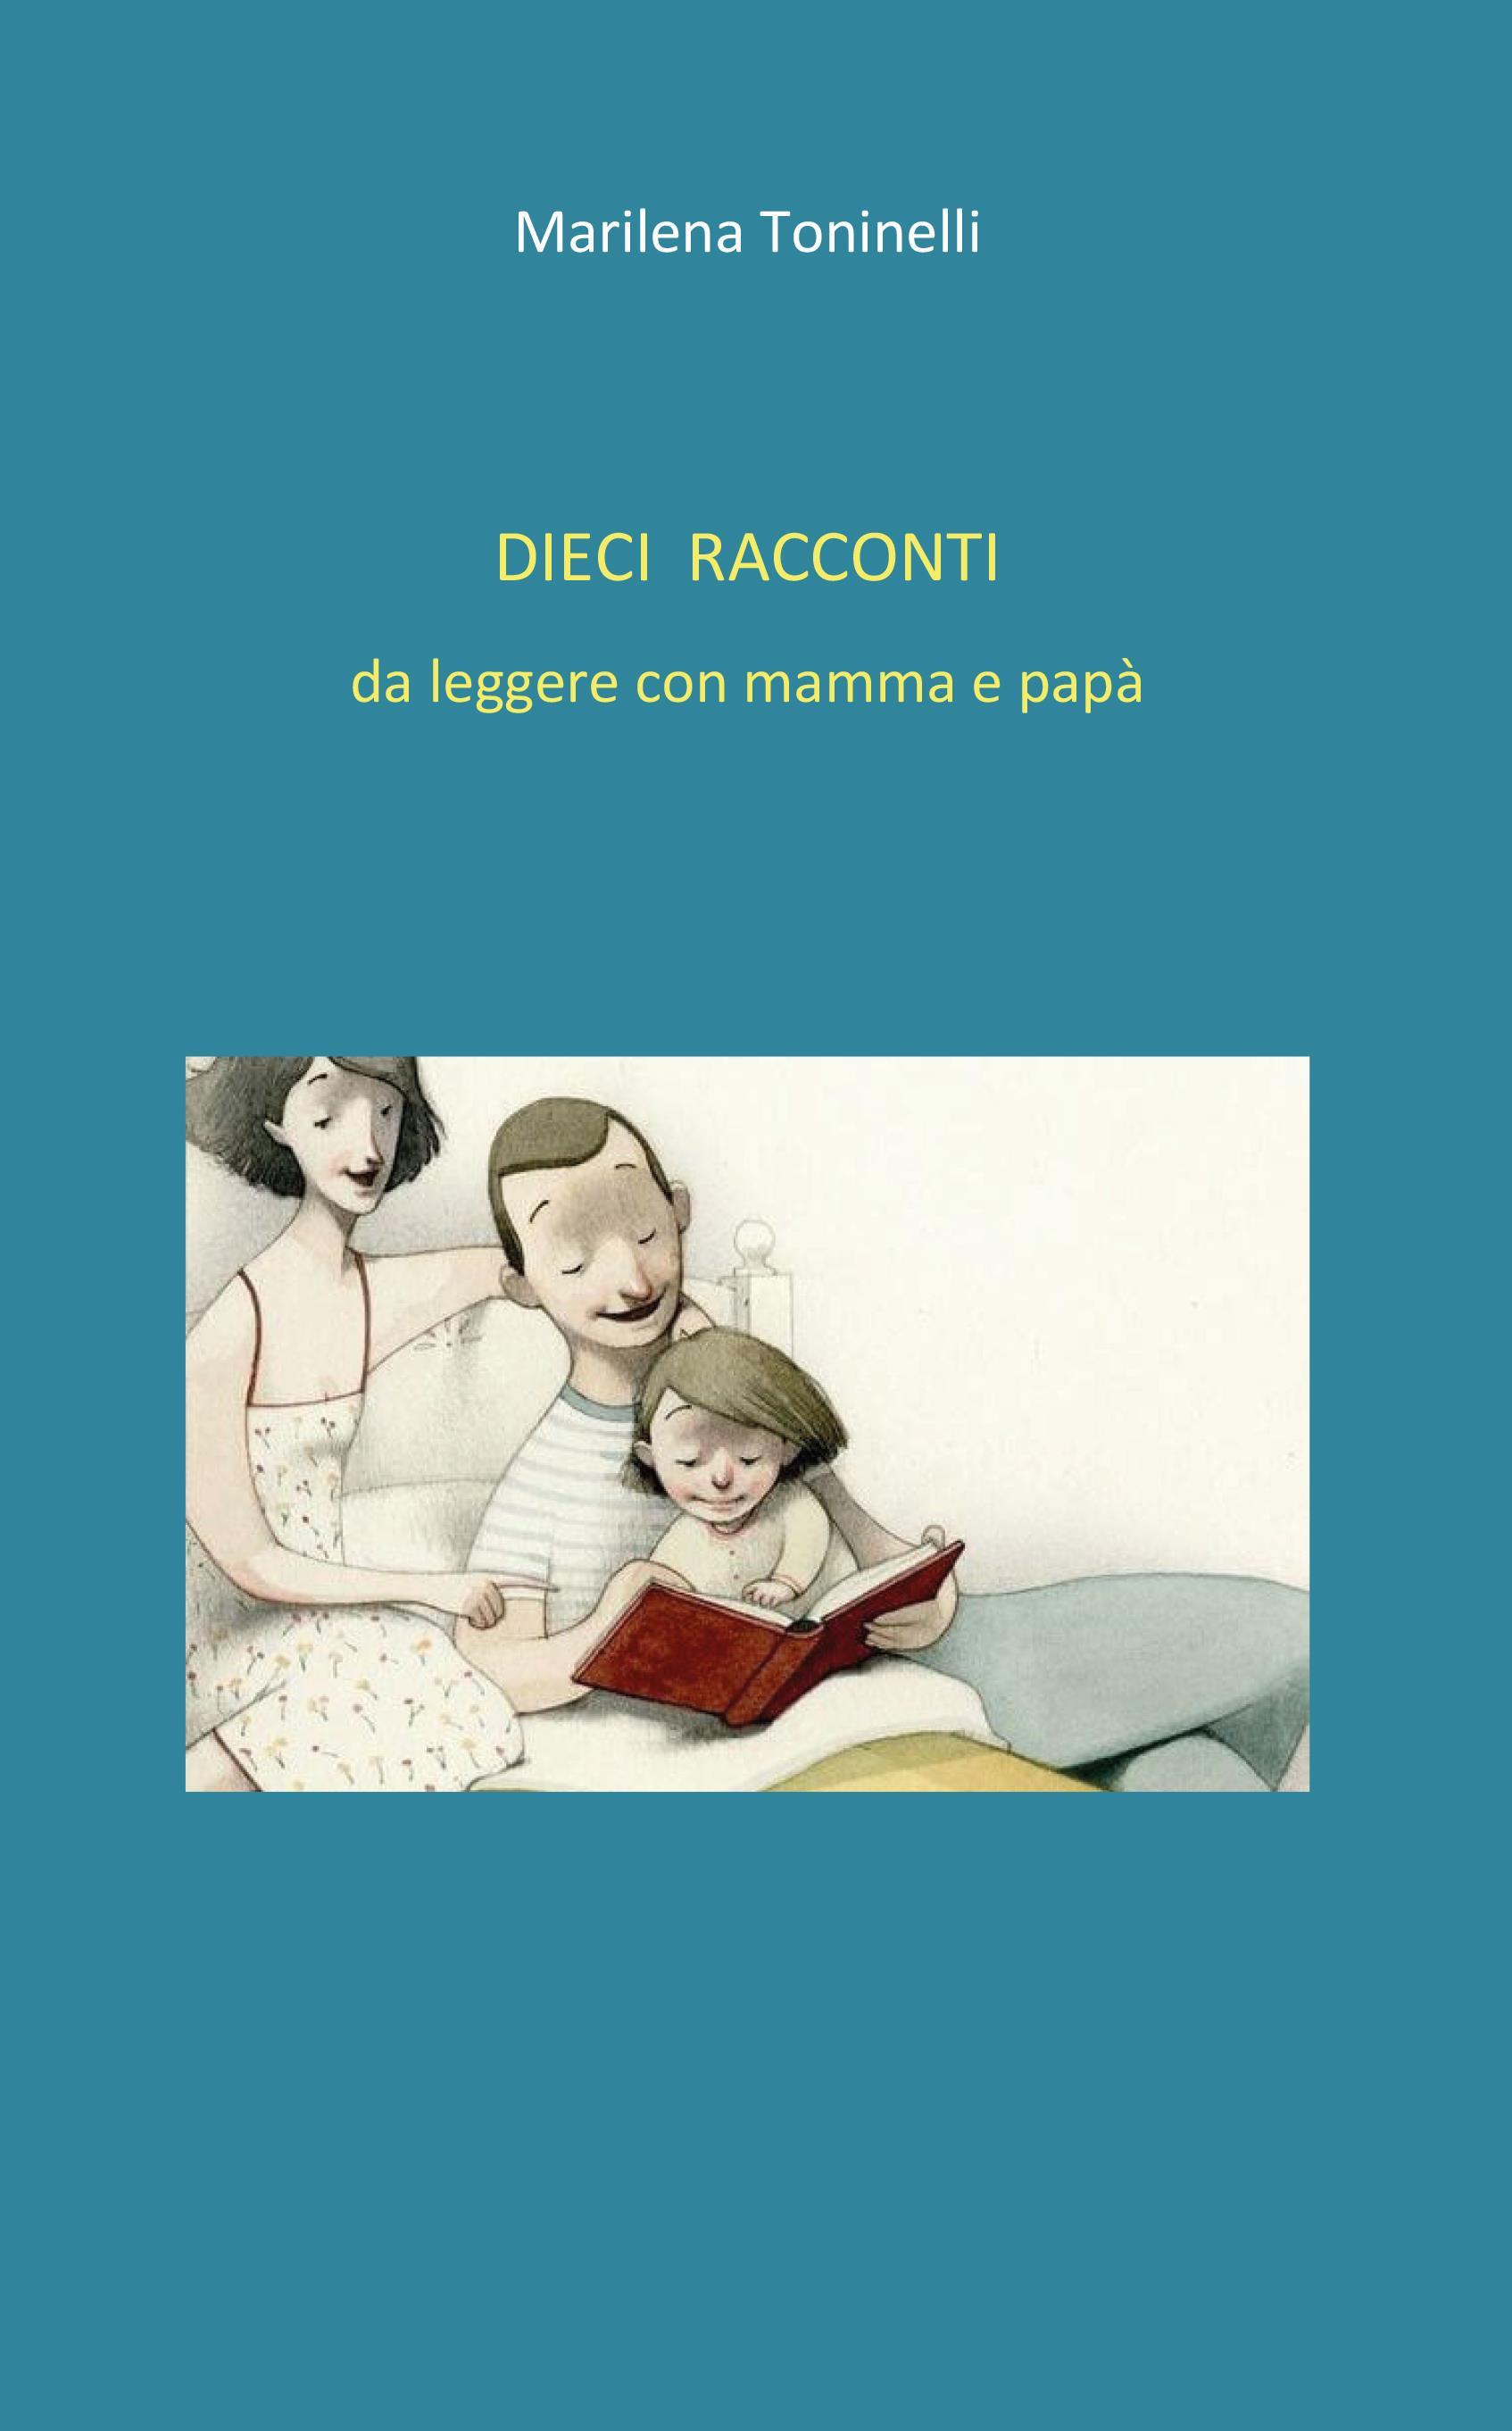 Dieci racconti da leggere con mamma e papà